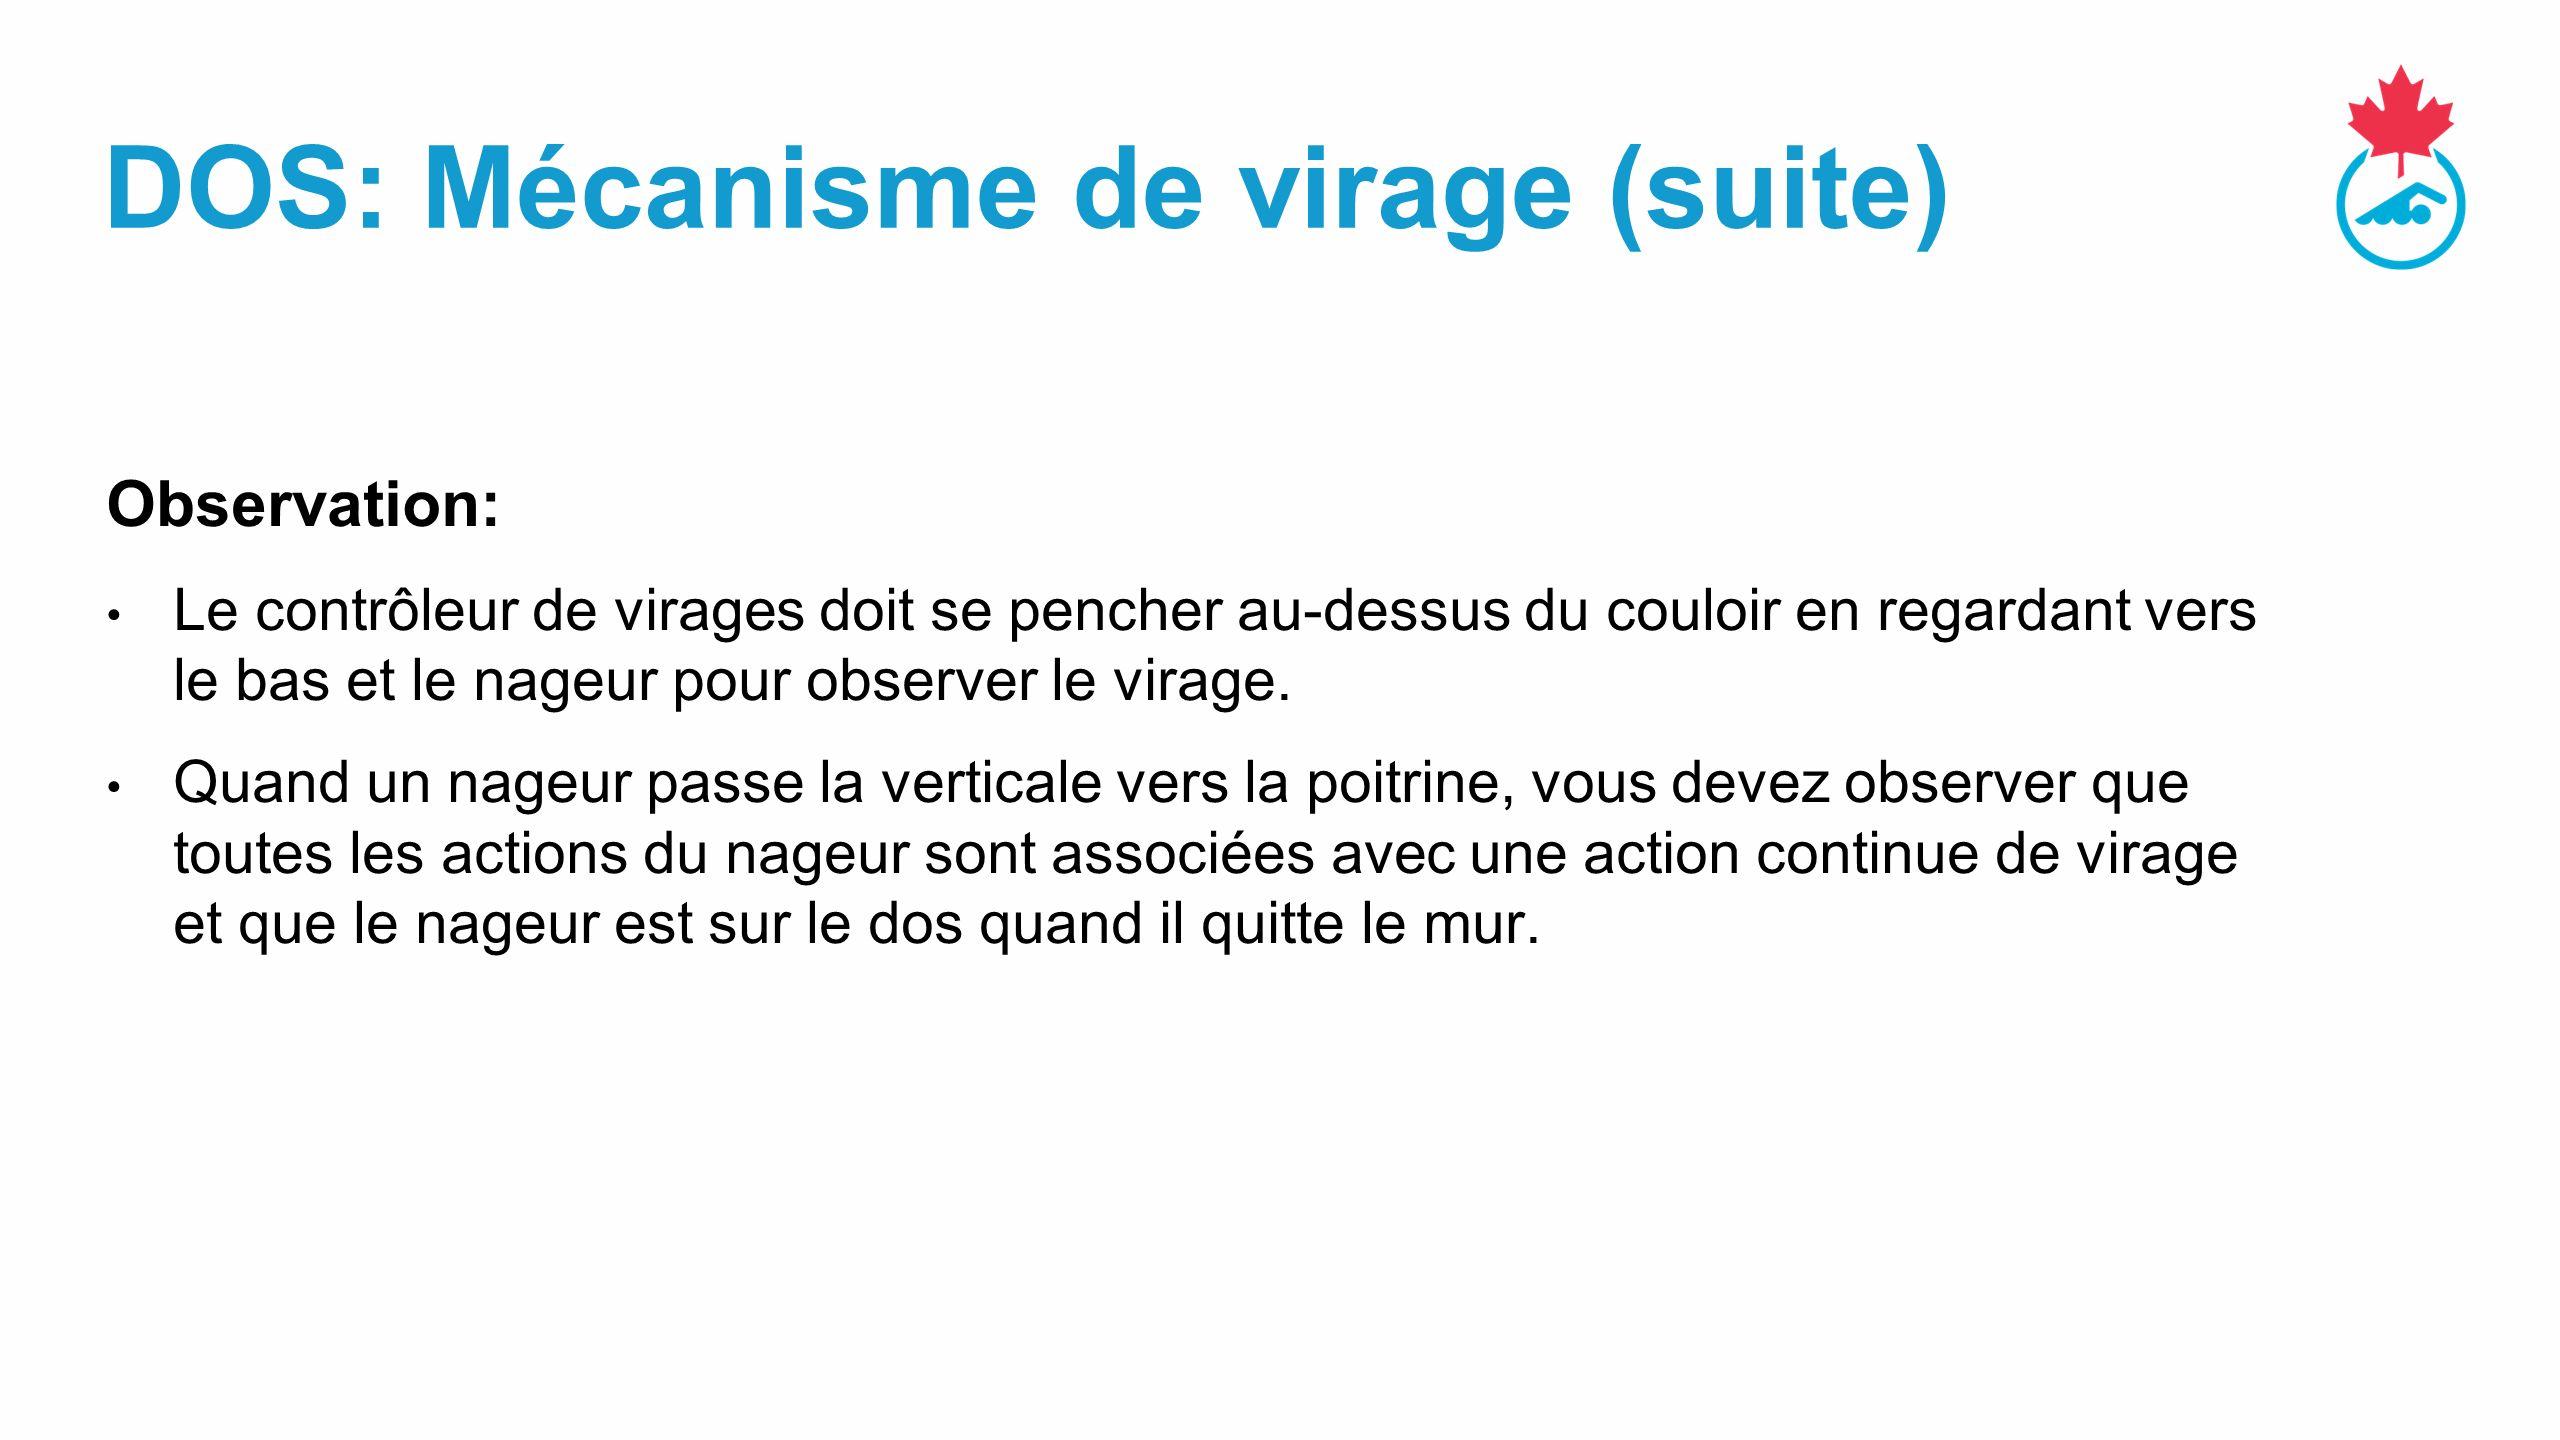 DOS: Mécanisme de virage (suite)